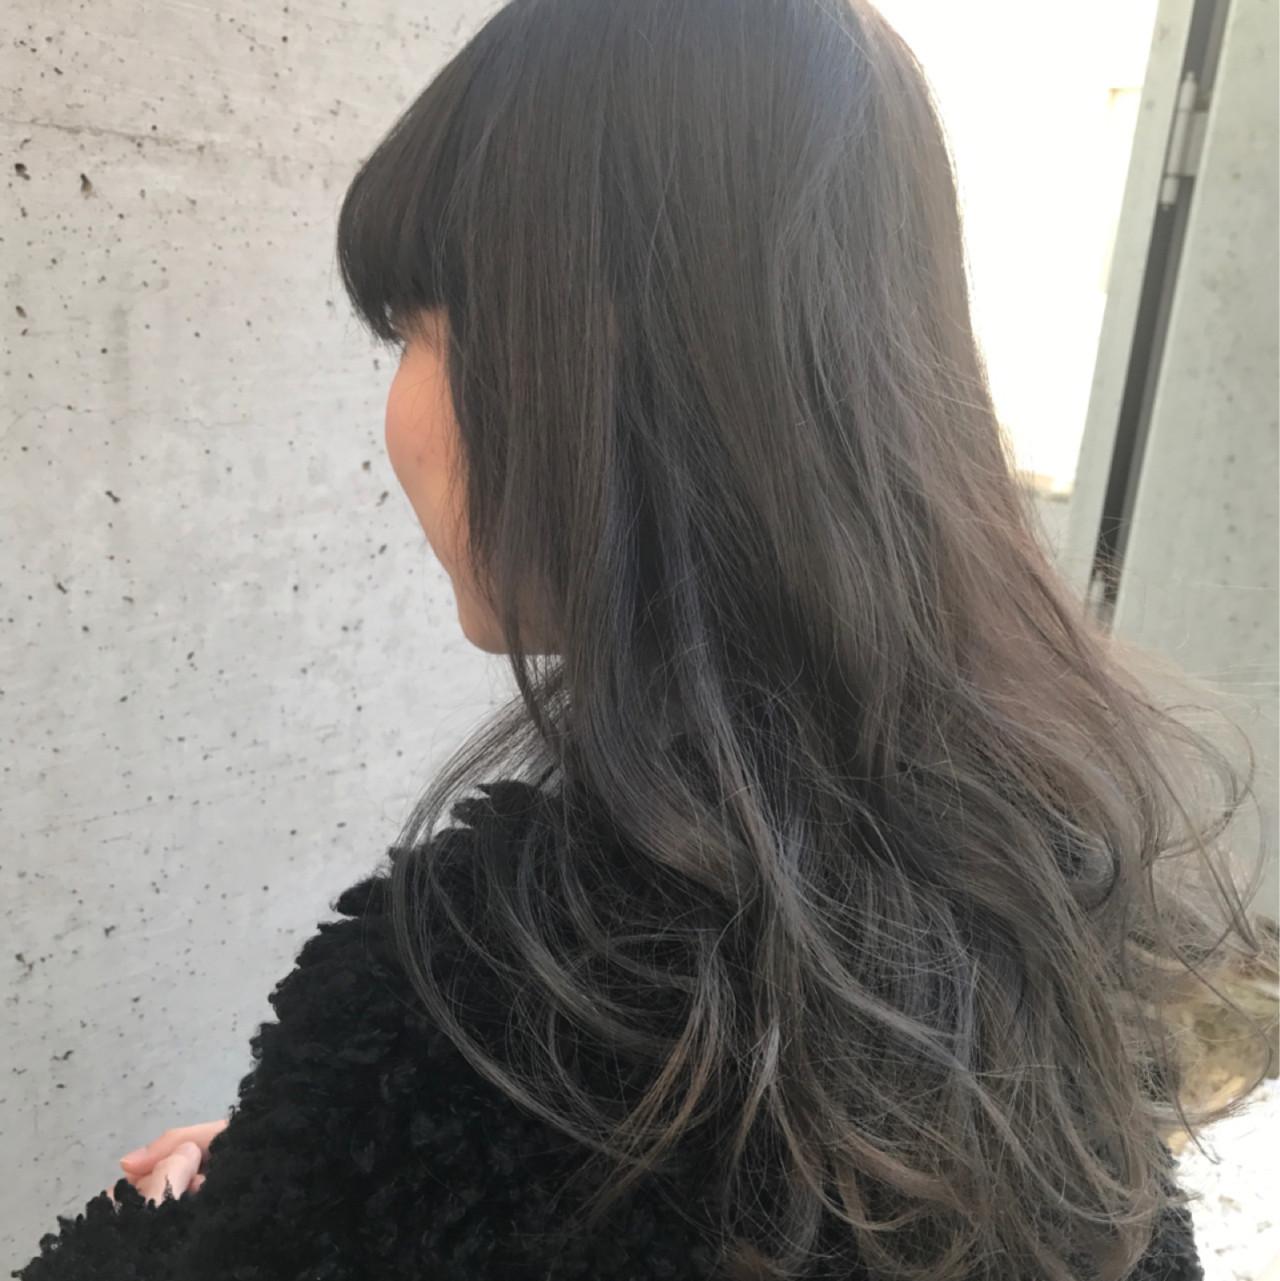 グラデーションカラー ブルージュ ナチュラル ロング ヘアスタイルや髪型の写真・画像